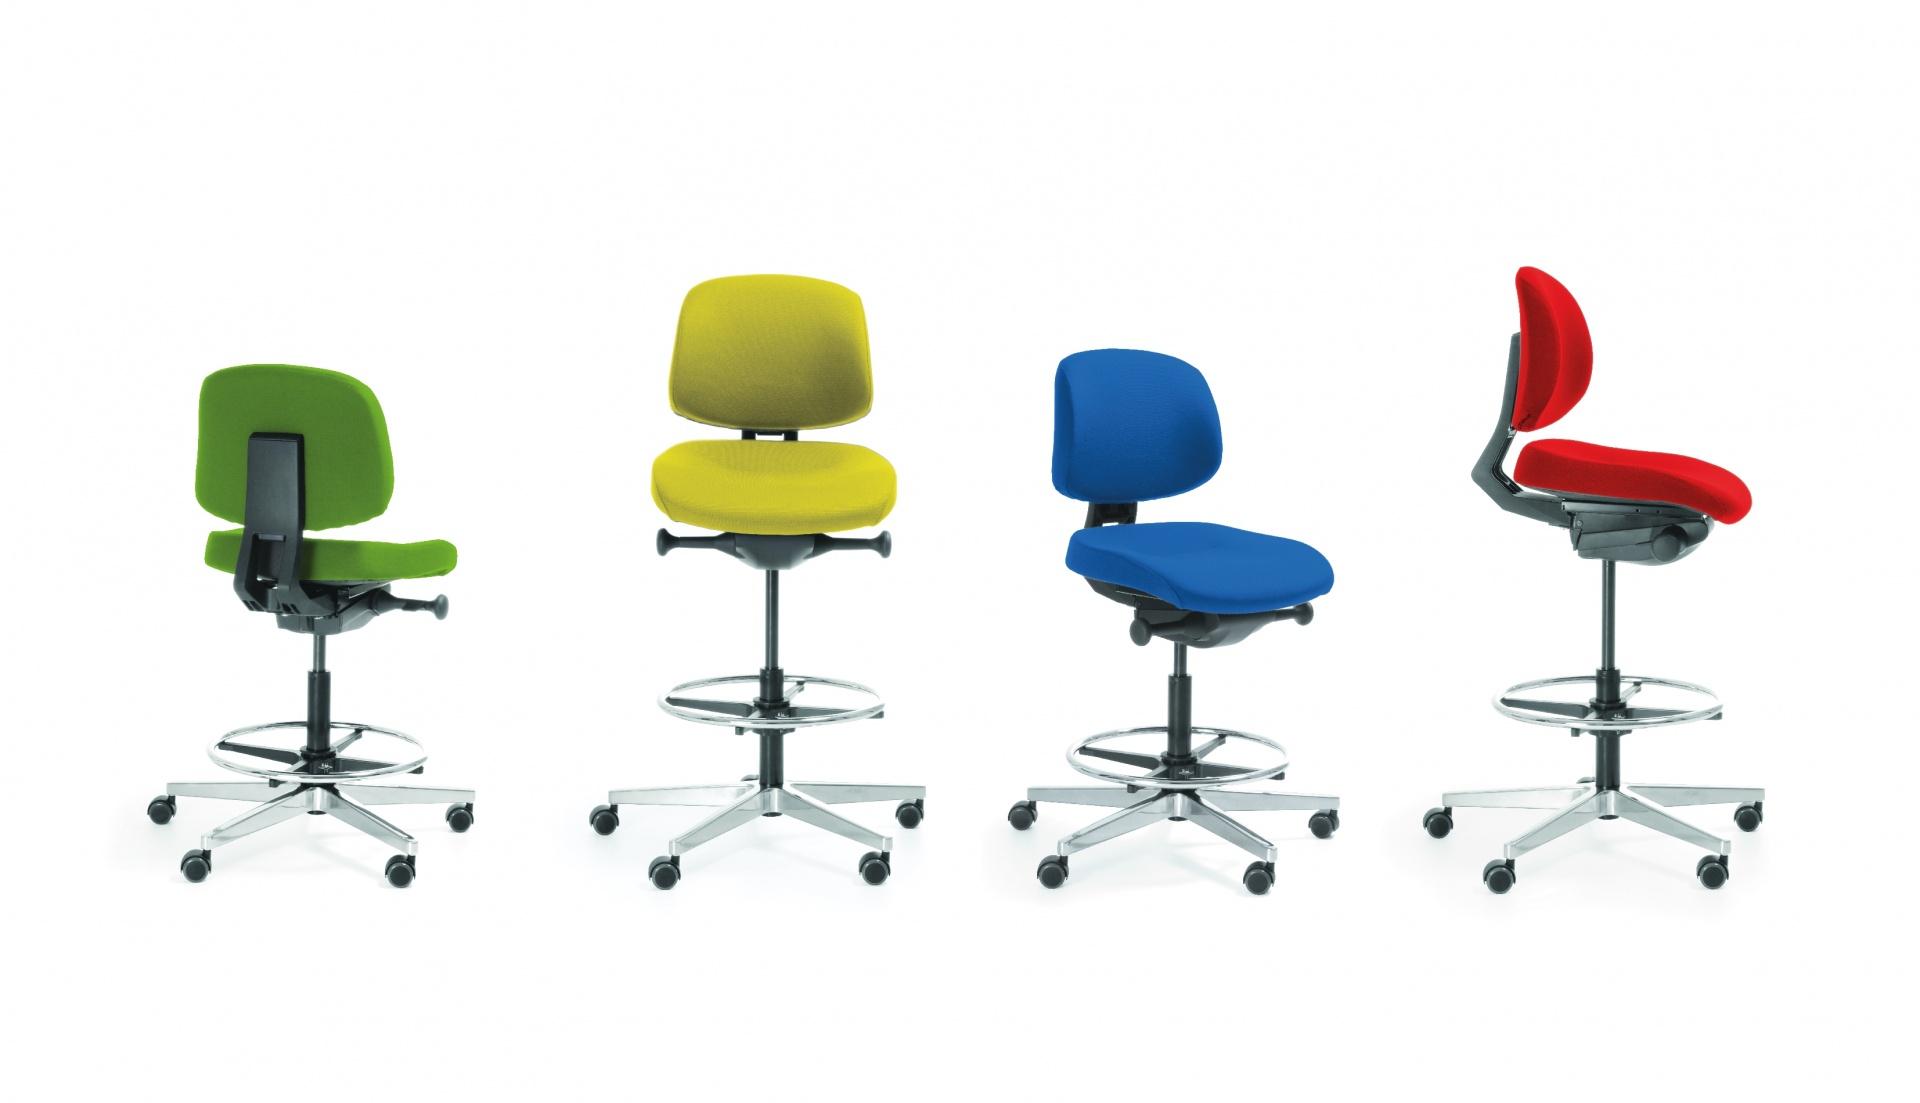 Lift stāvkrēsls dažādās krāsās